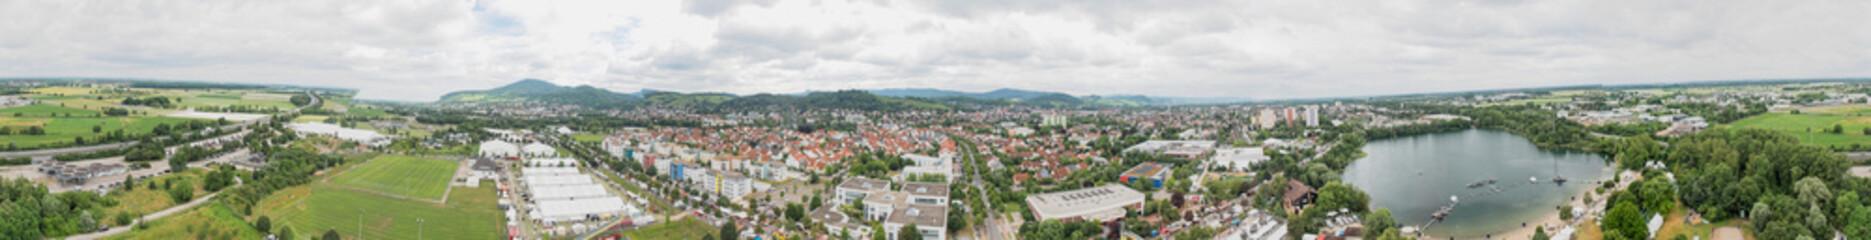 Bensheim Panorama